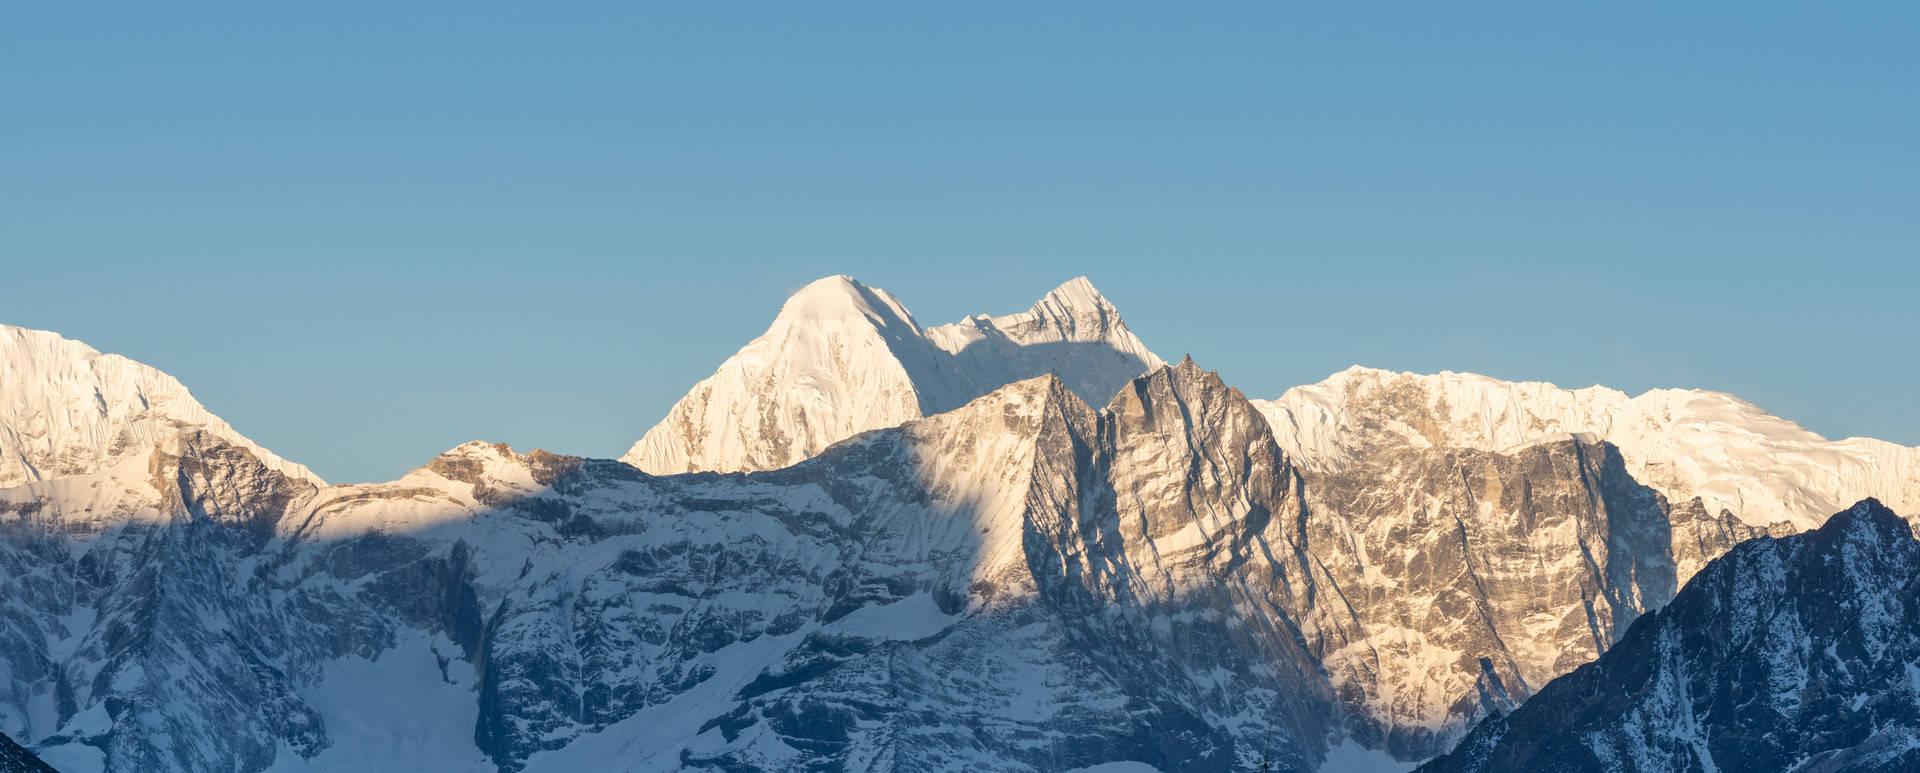 走过风情万种的尼泊尔,领略南亚别样的自然人文,你喜欢这里吗?